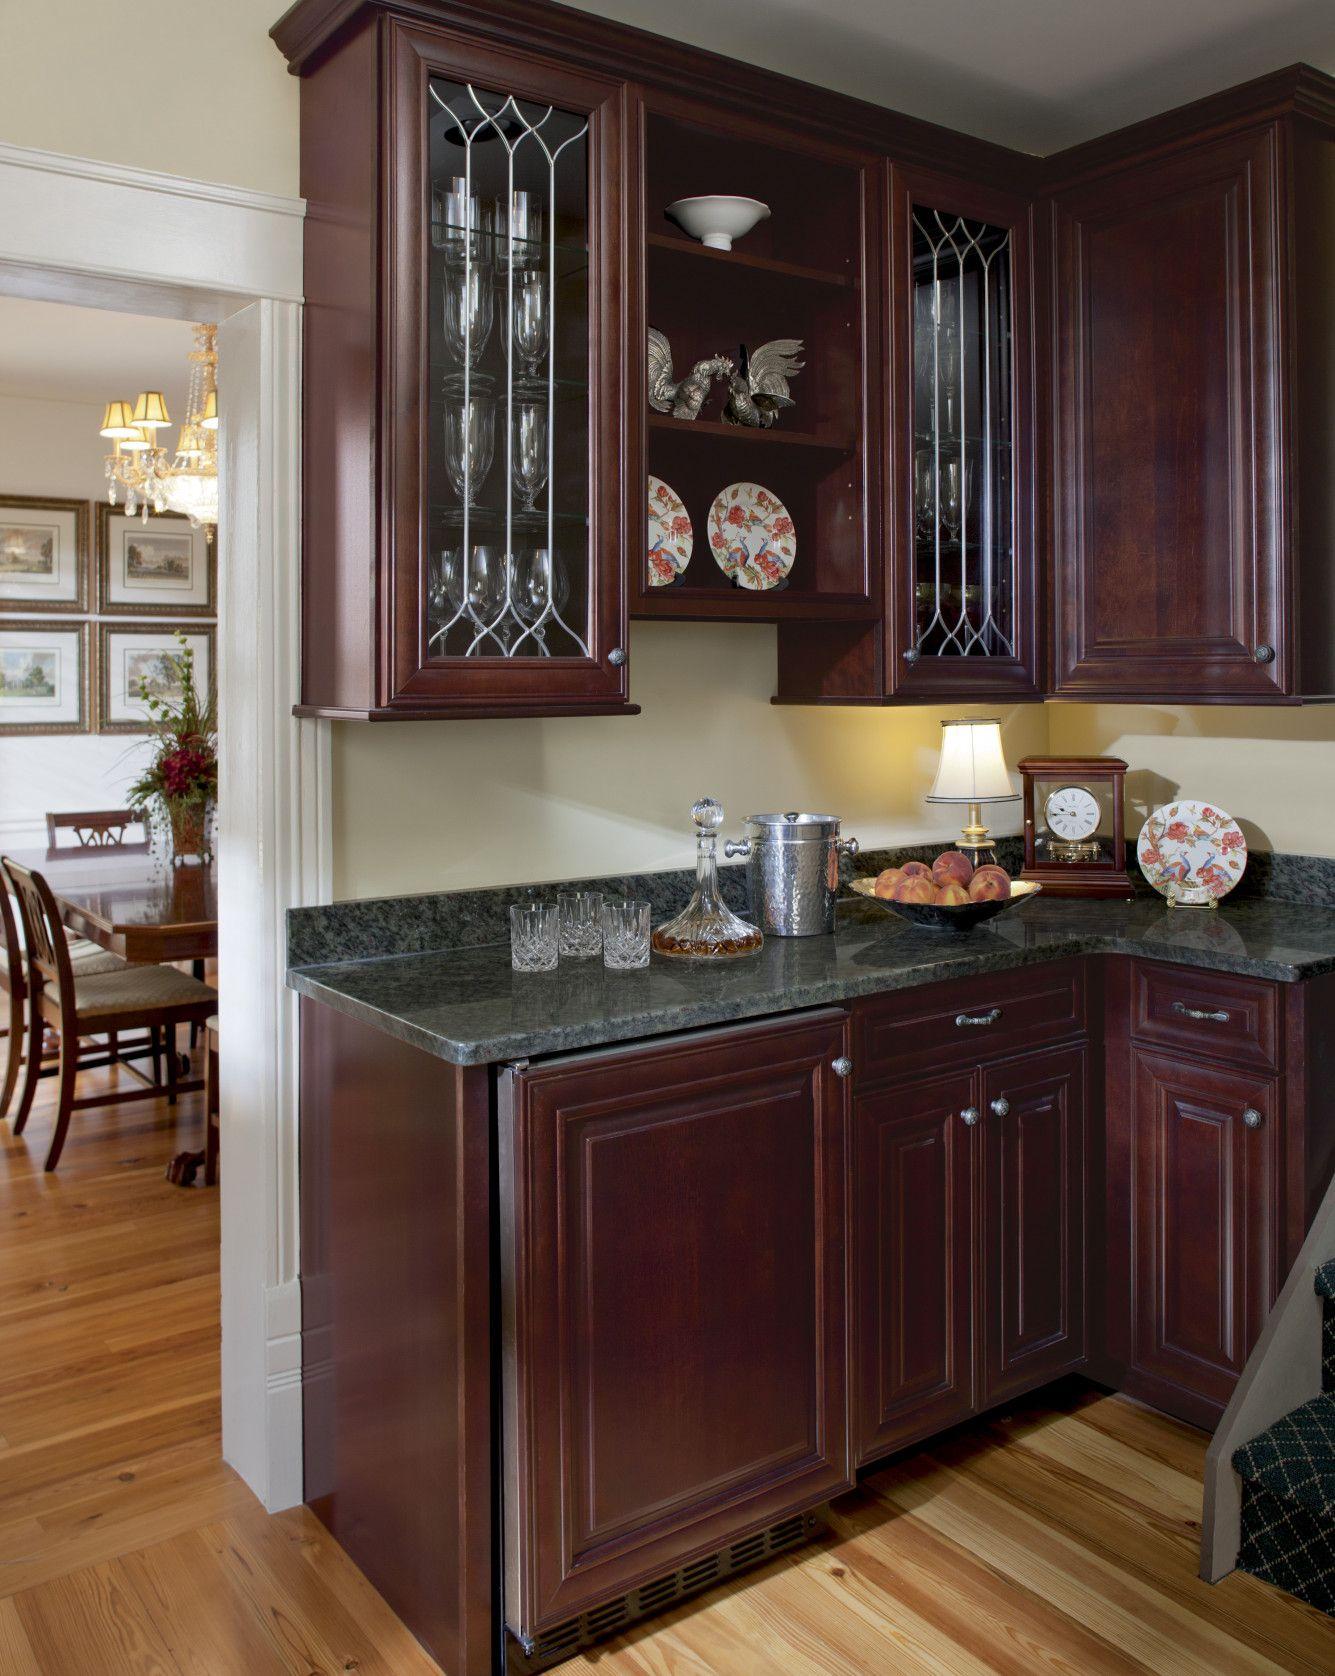 2019 Kitchen Cabinets Anaheim Ca - Kitchen Cabinets Update Ideas On ...